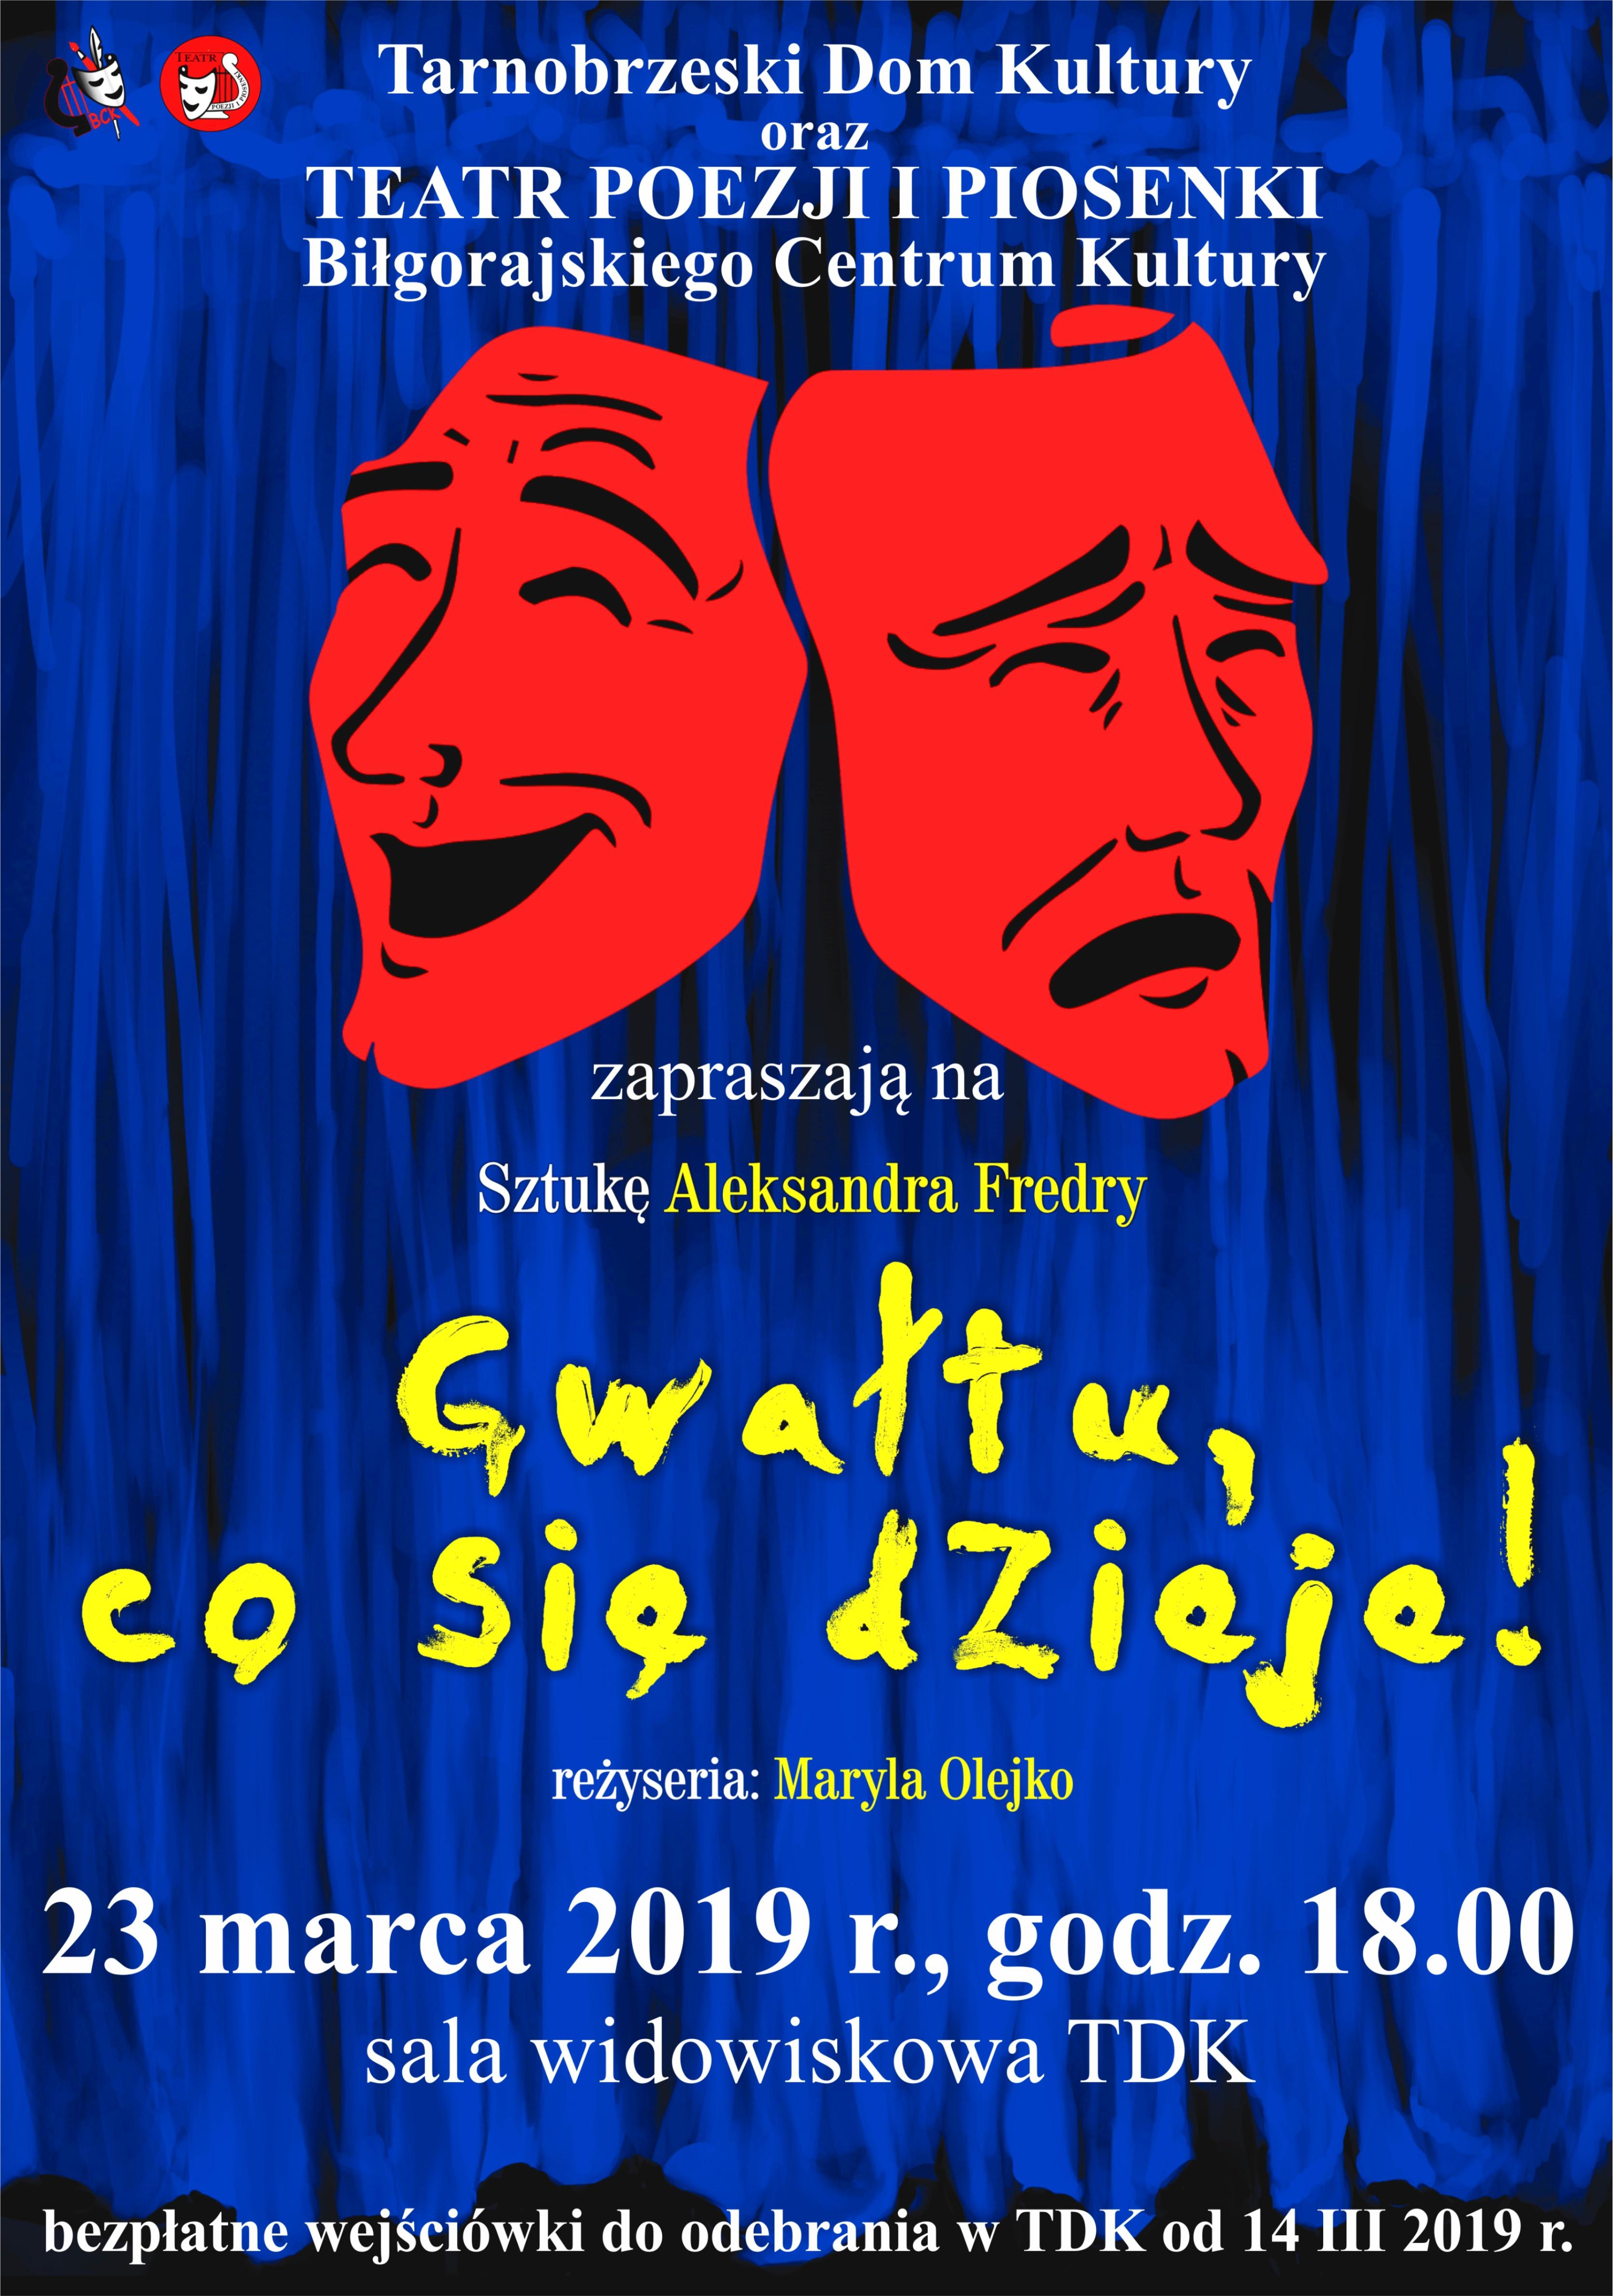 Tarnobrzeg Dni Teatru Odbierz Bezplatna Wejsciowke Radio Leliwa